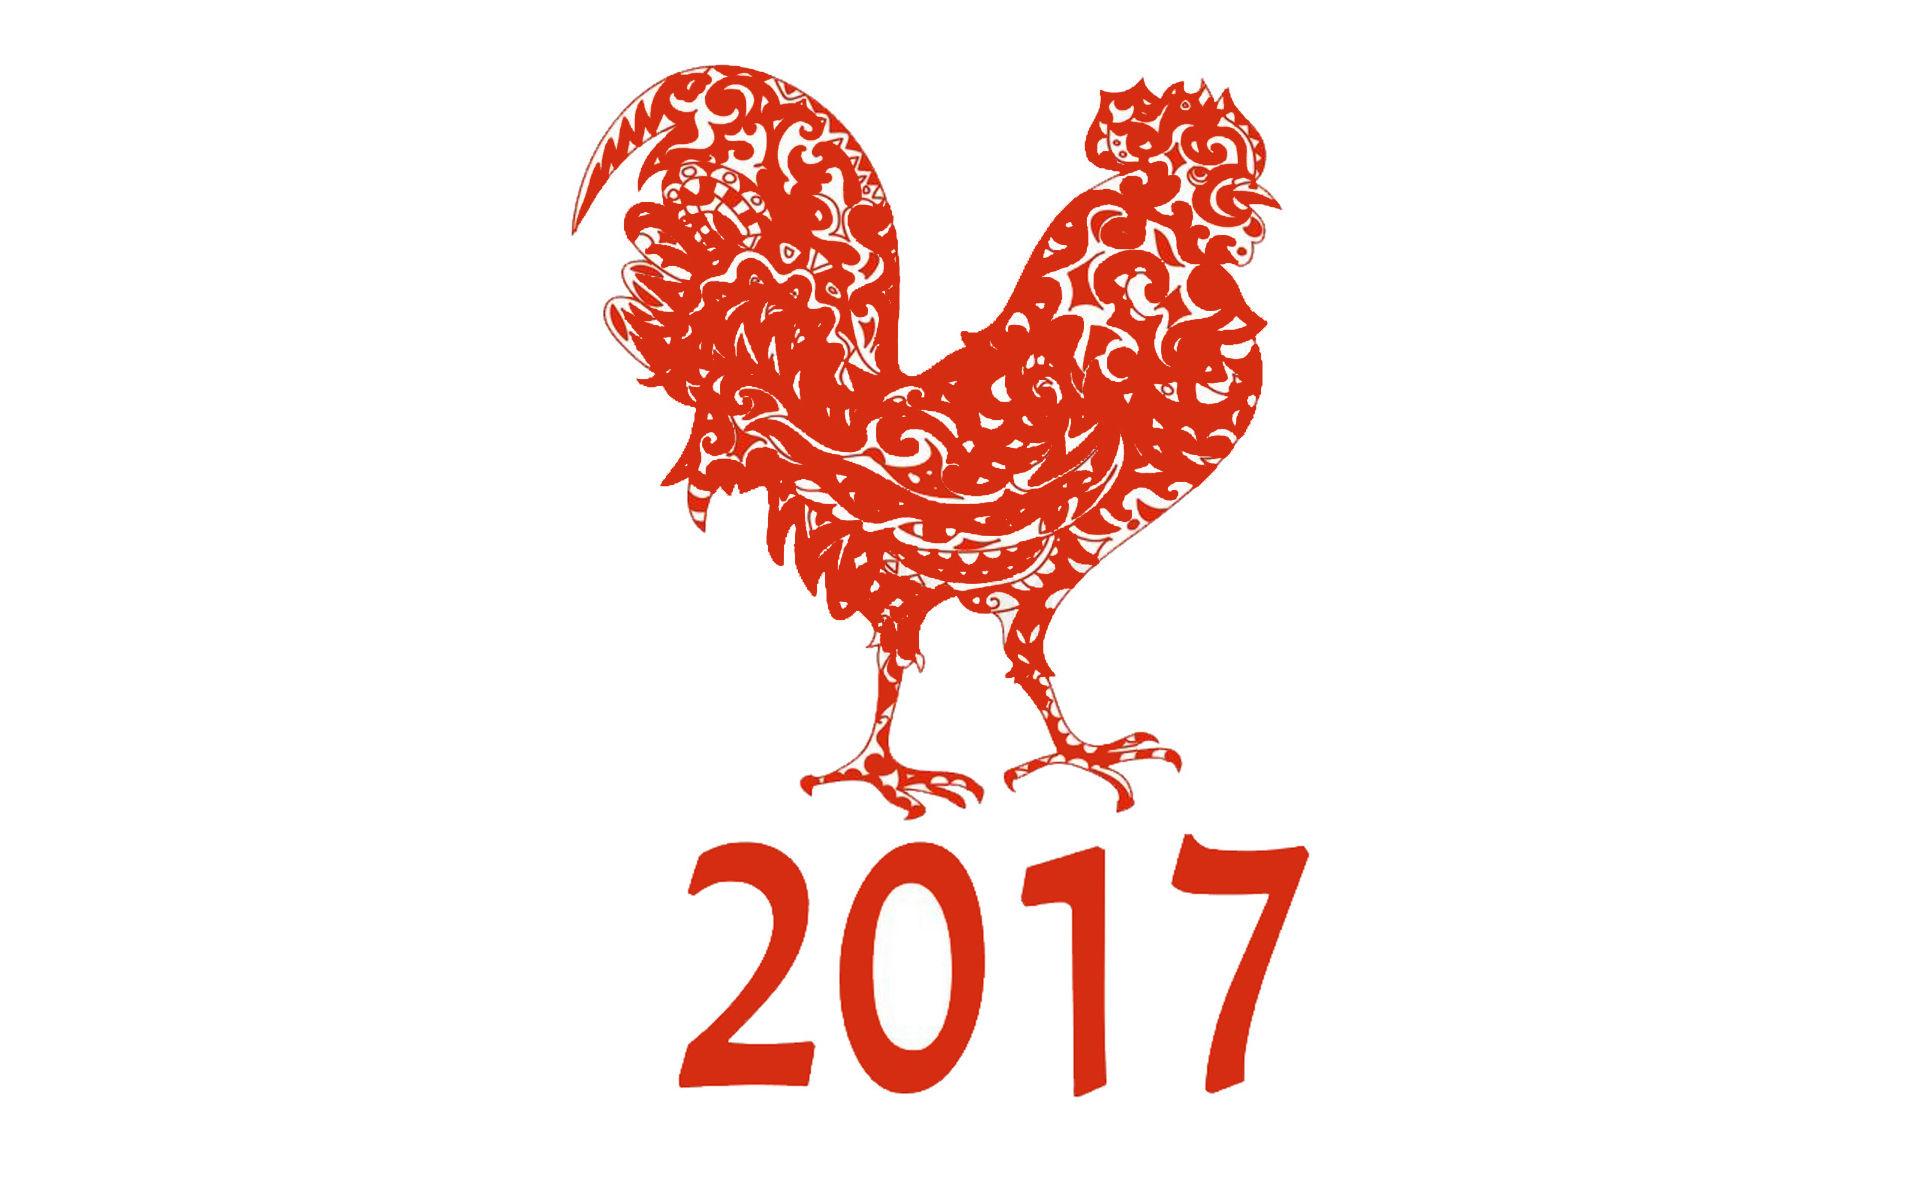 2017 год огненого петуха